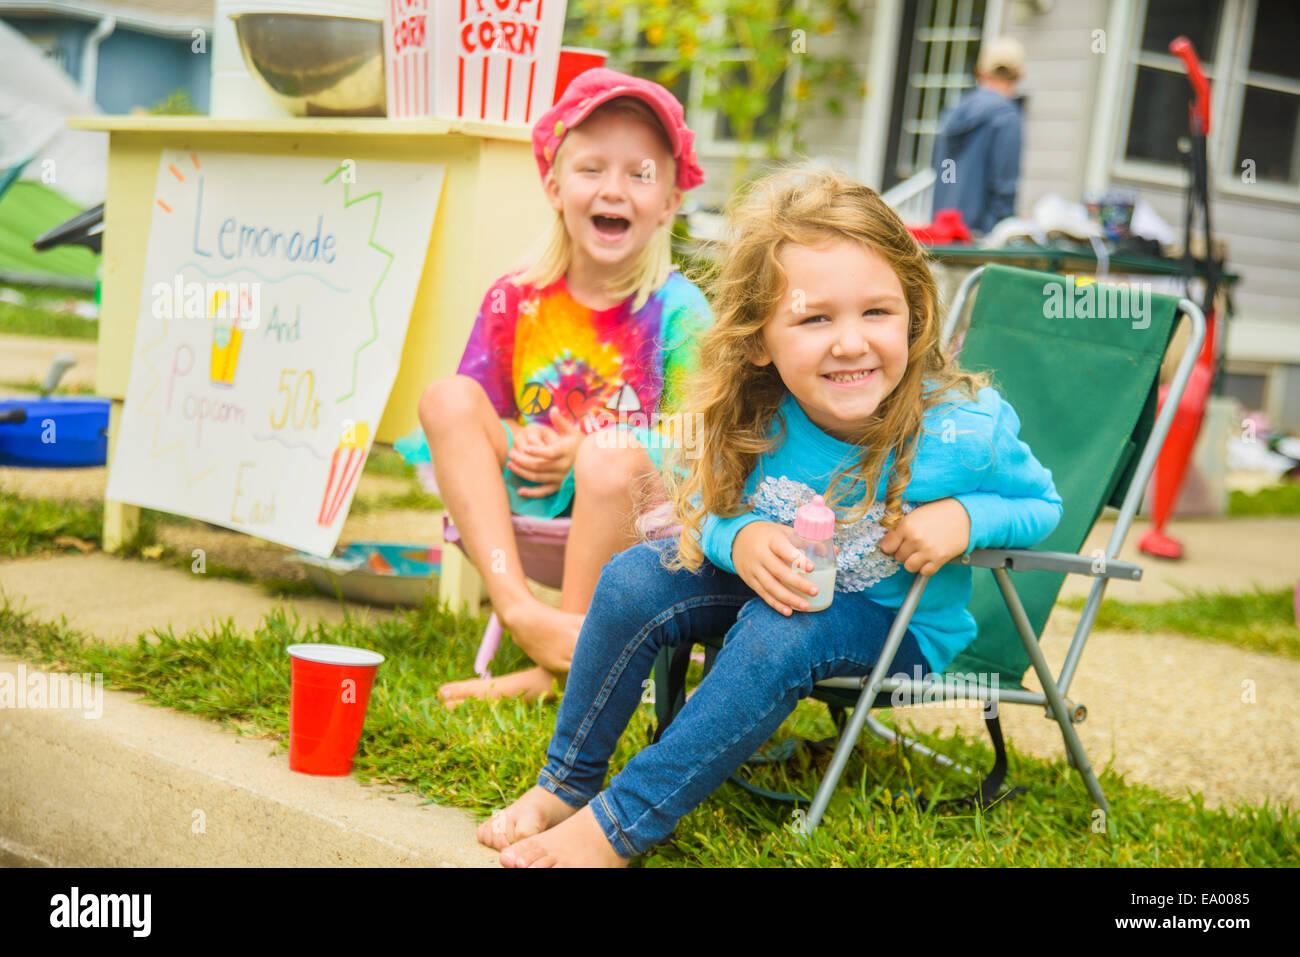 Portrait de deux francs smiling girls vente de limonade et popcorn at yard sale Photo Stock